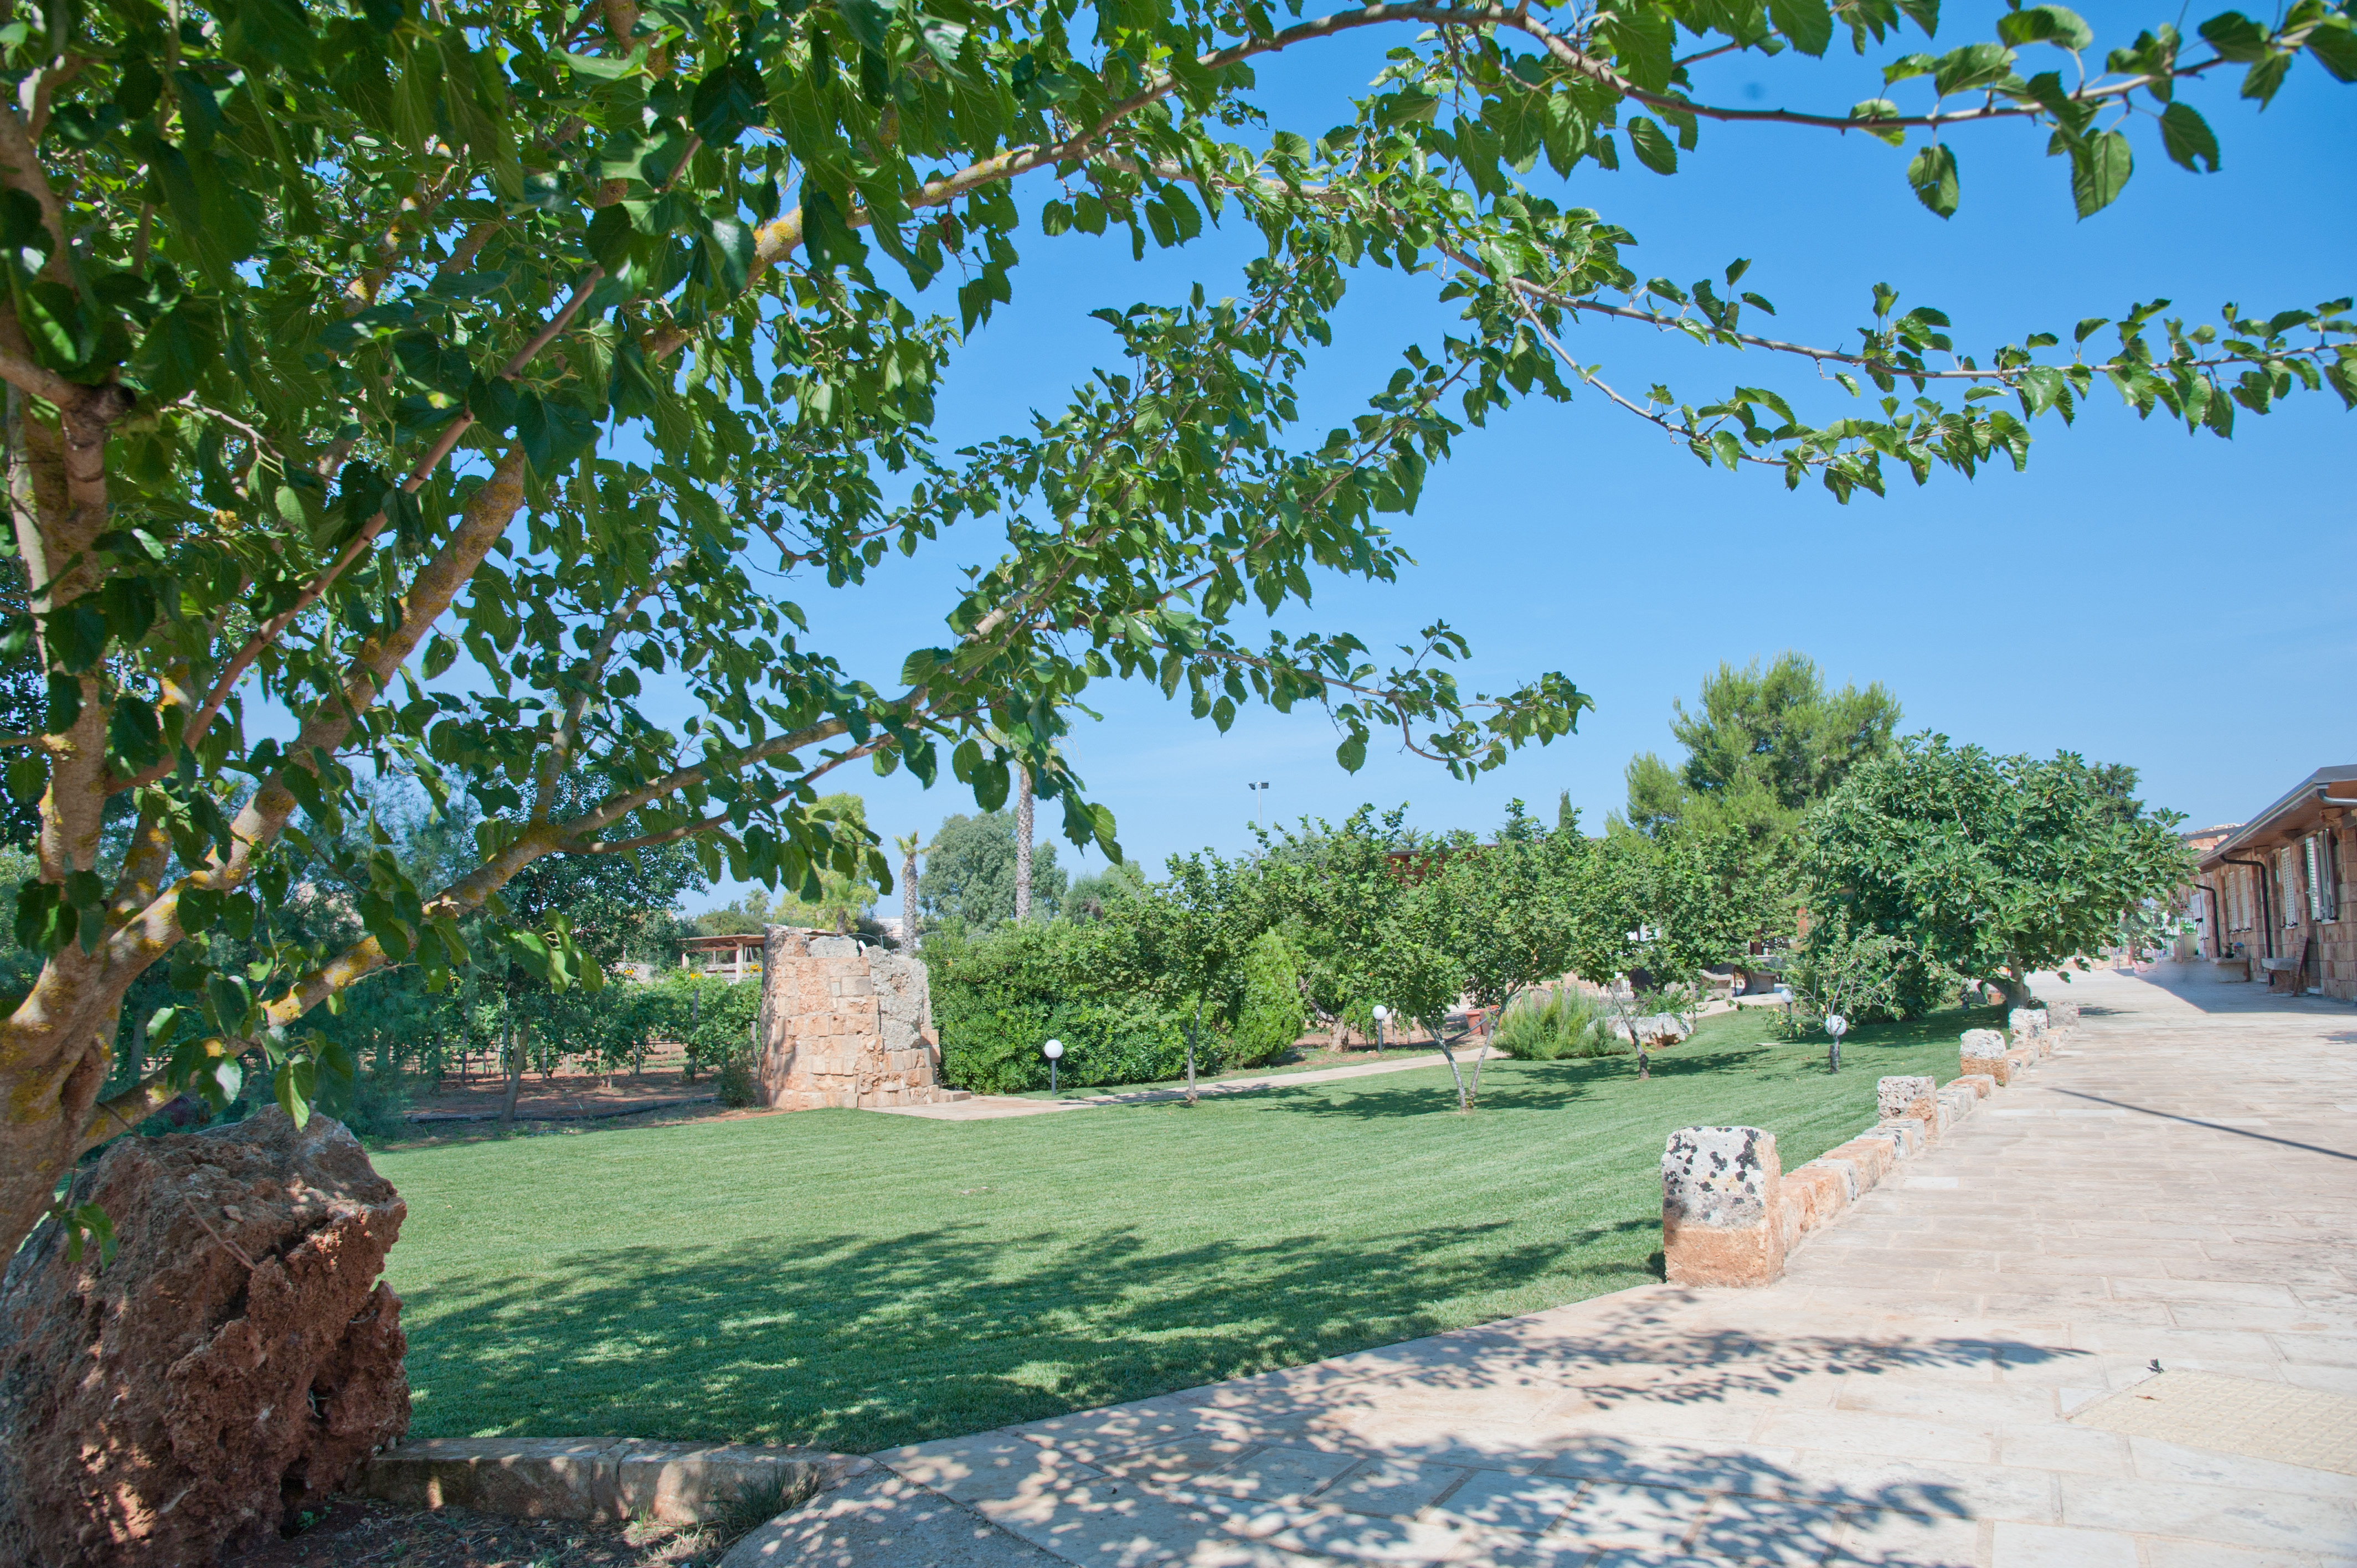 Esterni, giardino, frutteto Tenuta Le Casette, appartamenti nel Salento